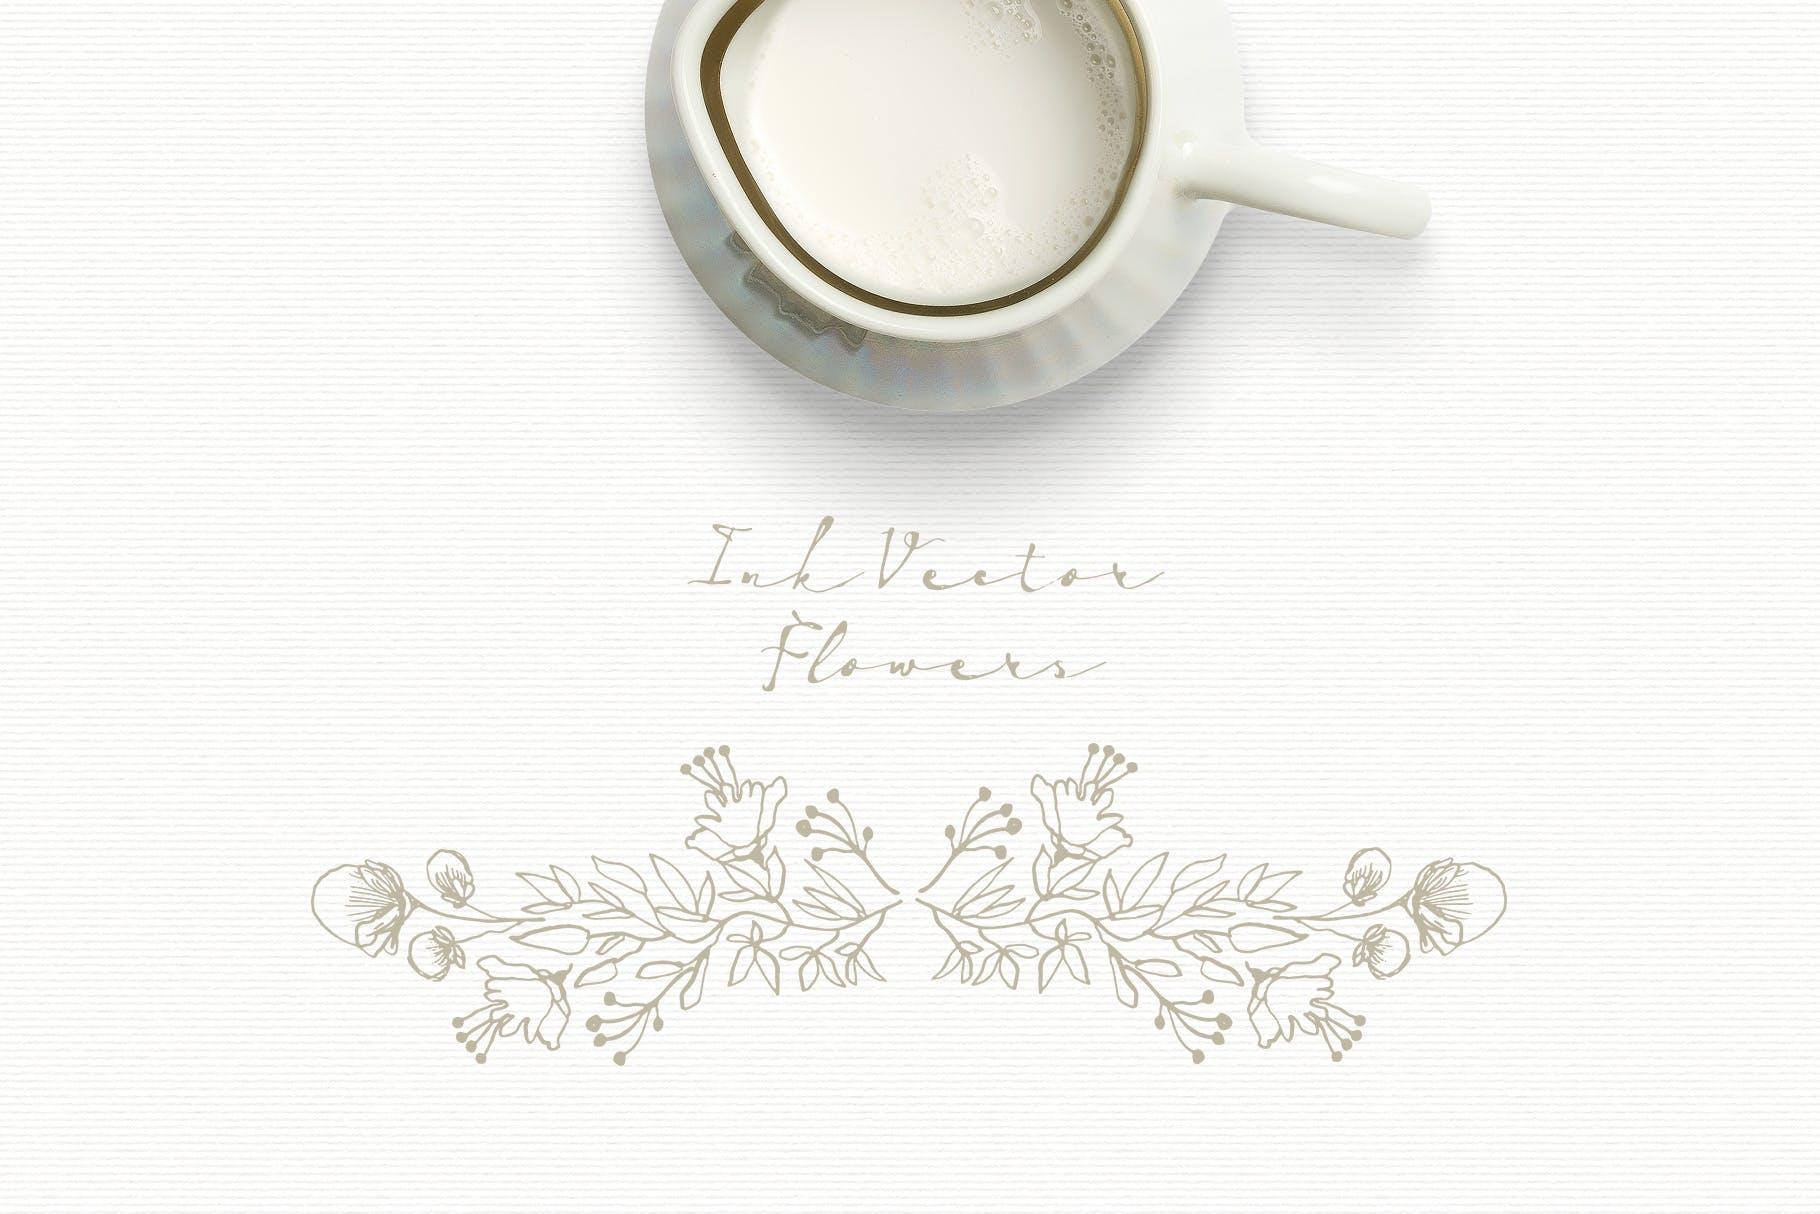 手工研磨制品装饰图案Ink Vector Flowers插图(1)